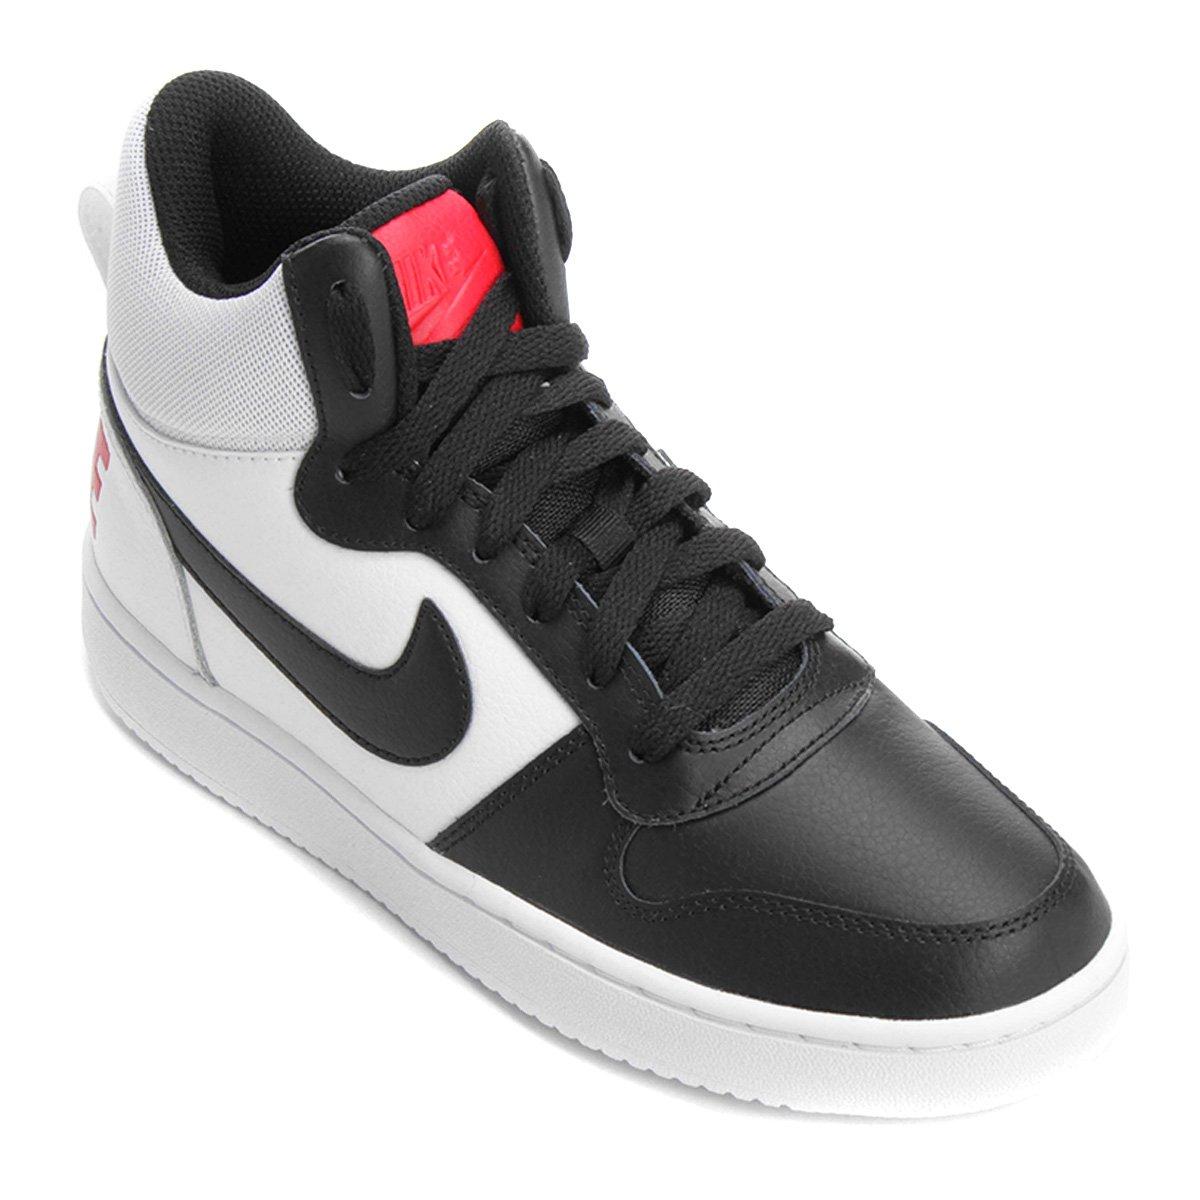 Tênis Couro Cano Alto Nike Recreation Mid Feminino Branco E Vermelho